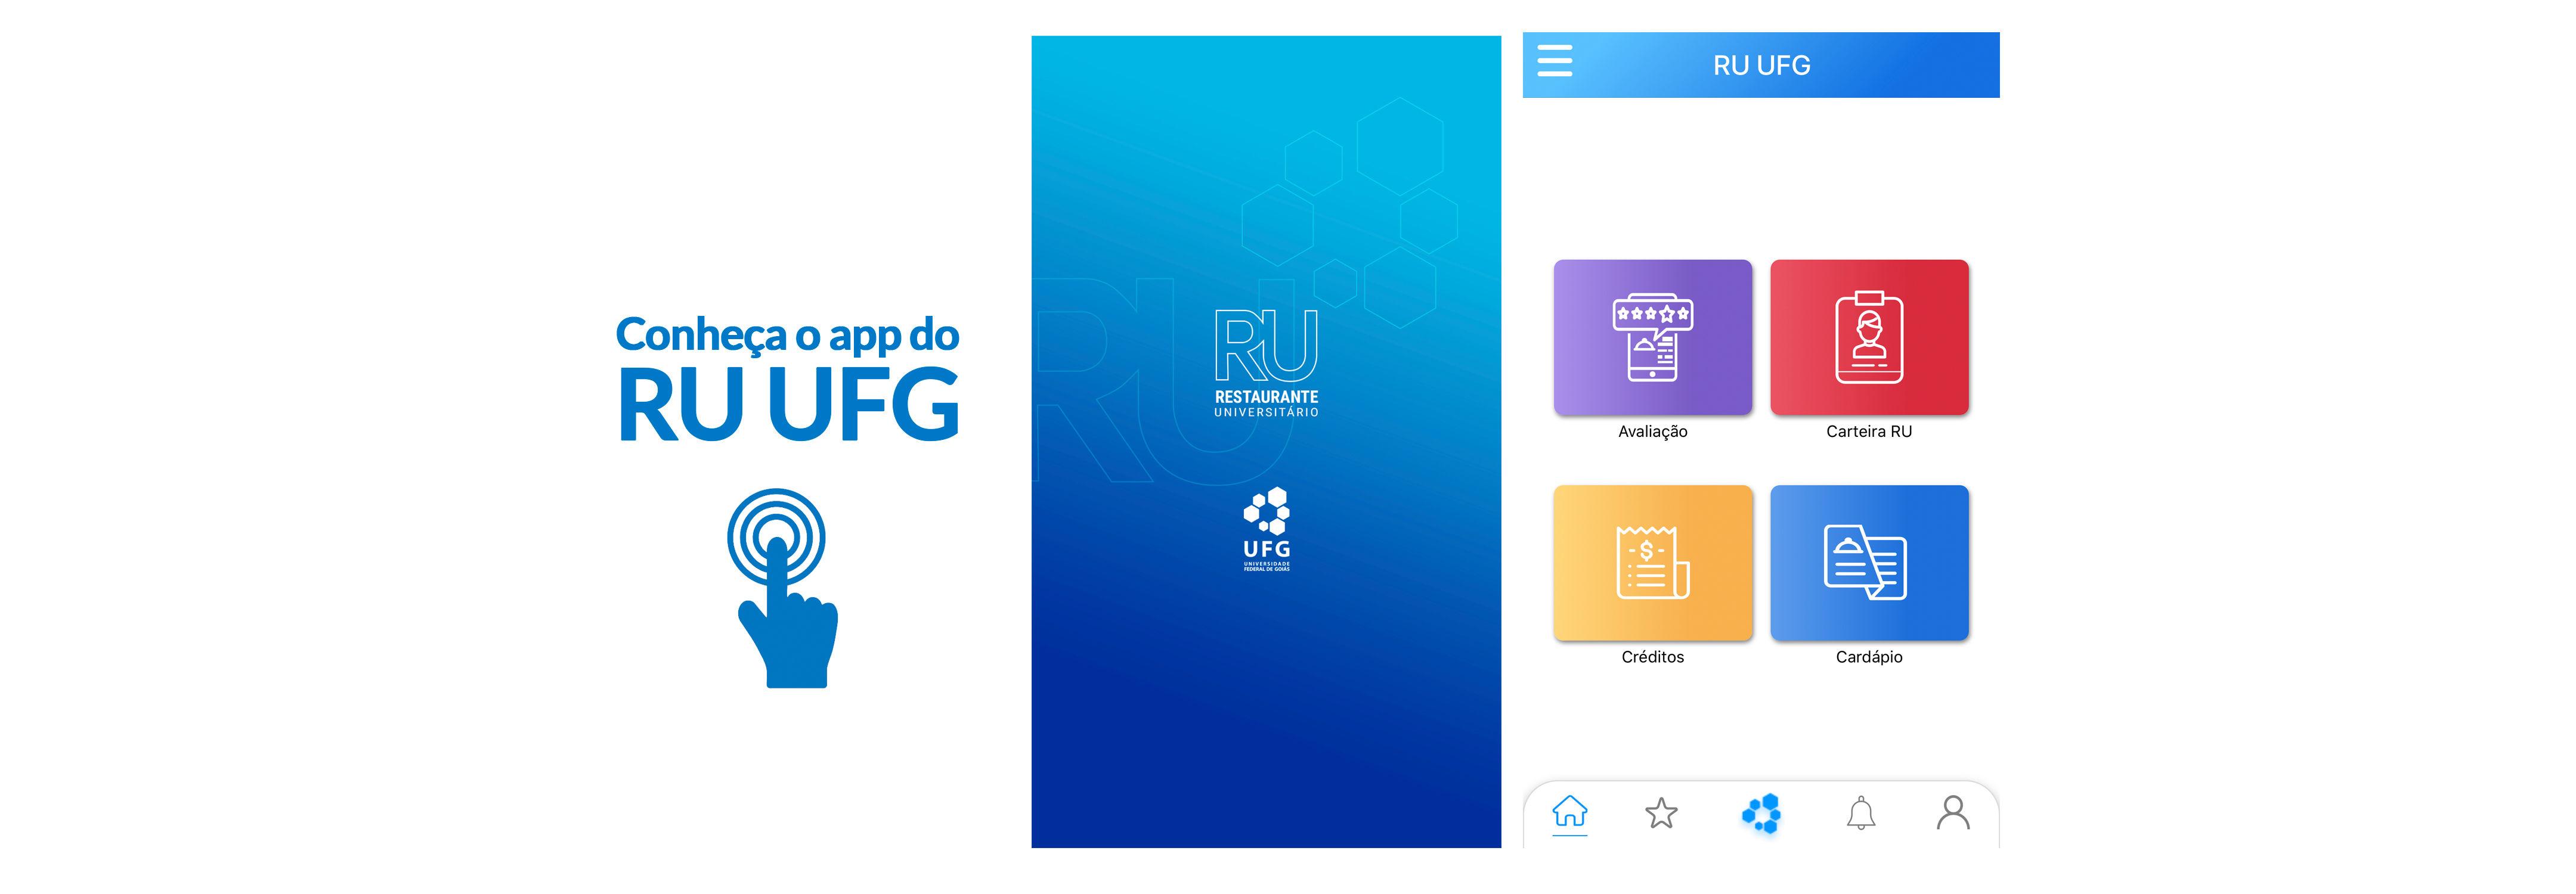 app 3 ru